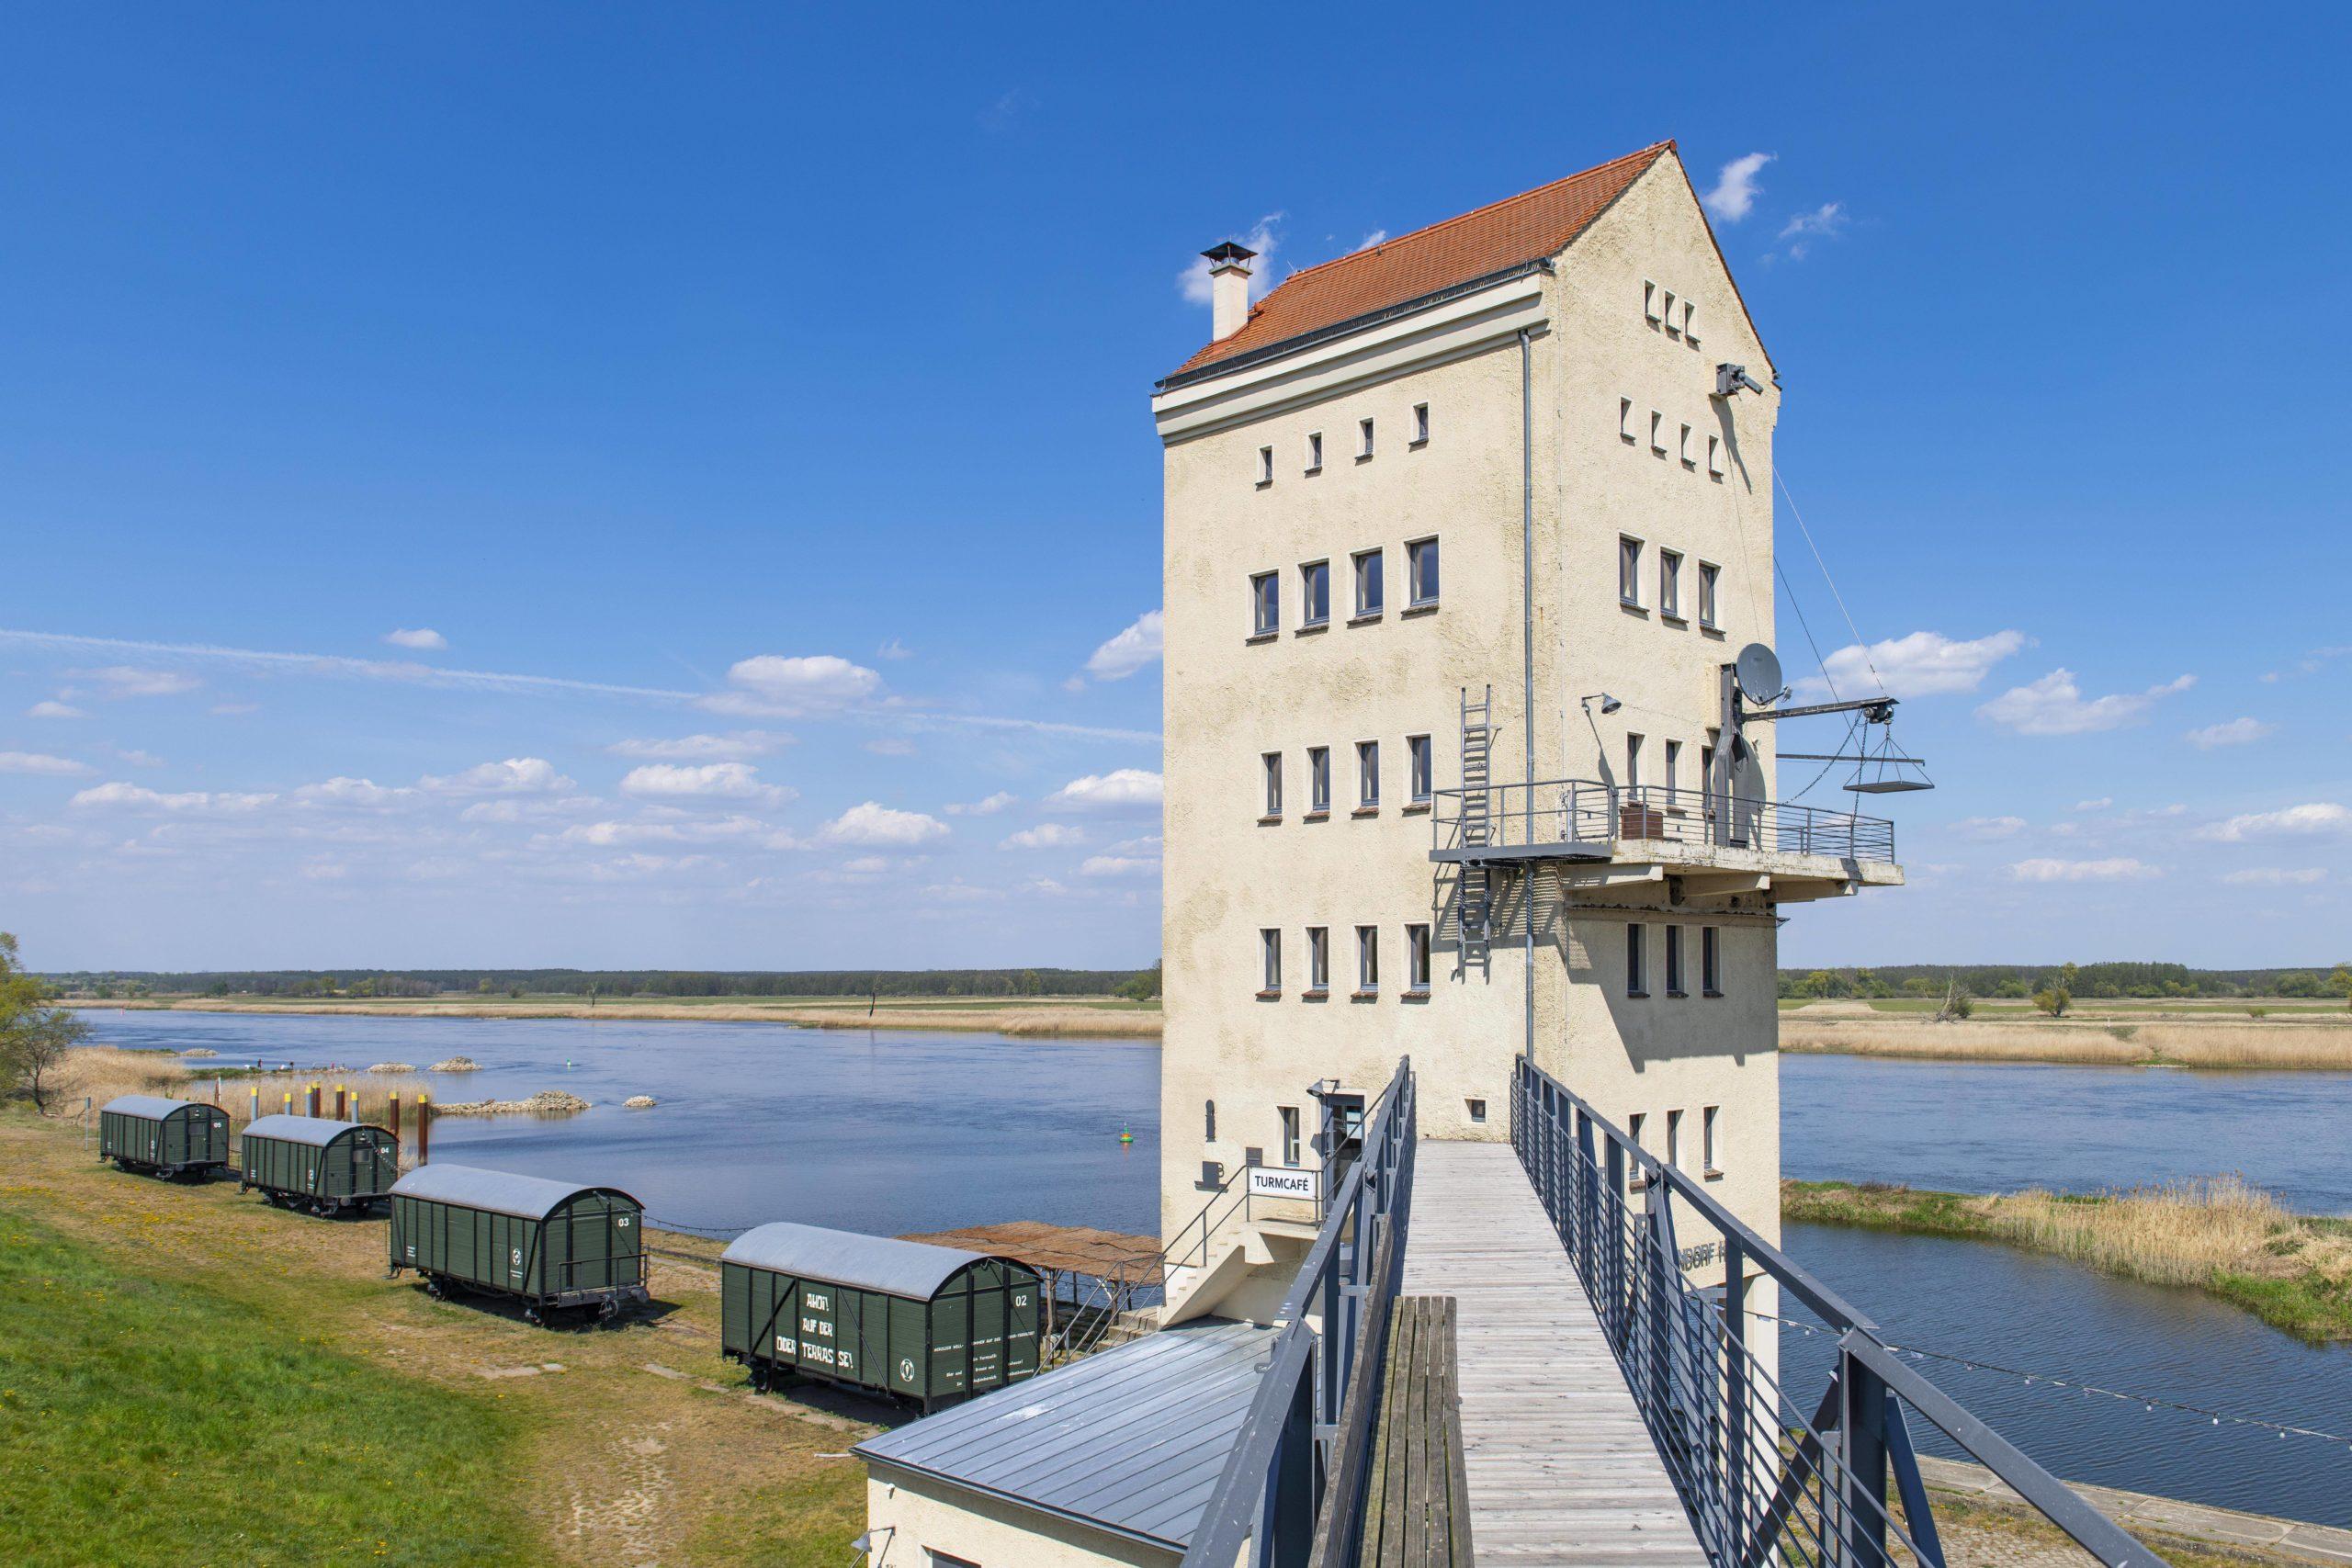 Umland Eine besondere Unterkunft befindet sich auch am Kulturhafen Groß Neuendorf: Hier kann man in einem gemütlichen Bahnwaggon ausspannen und den Blick auf die Oder genießen.